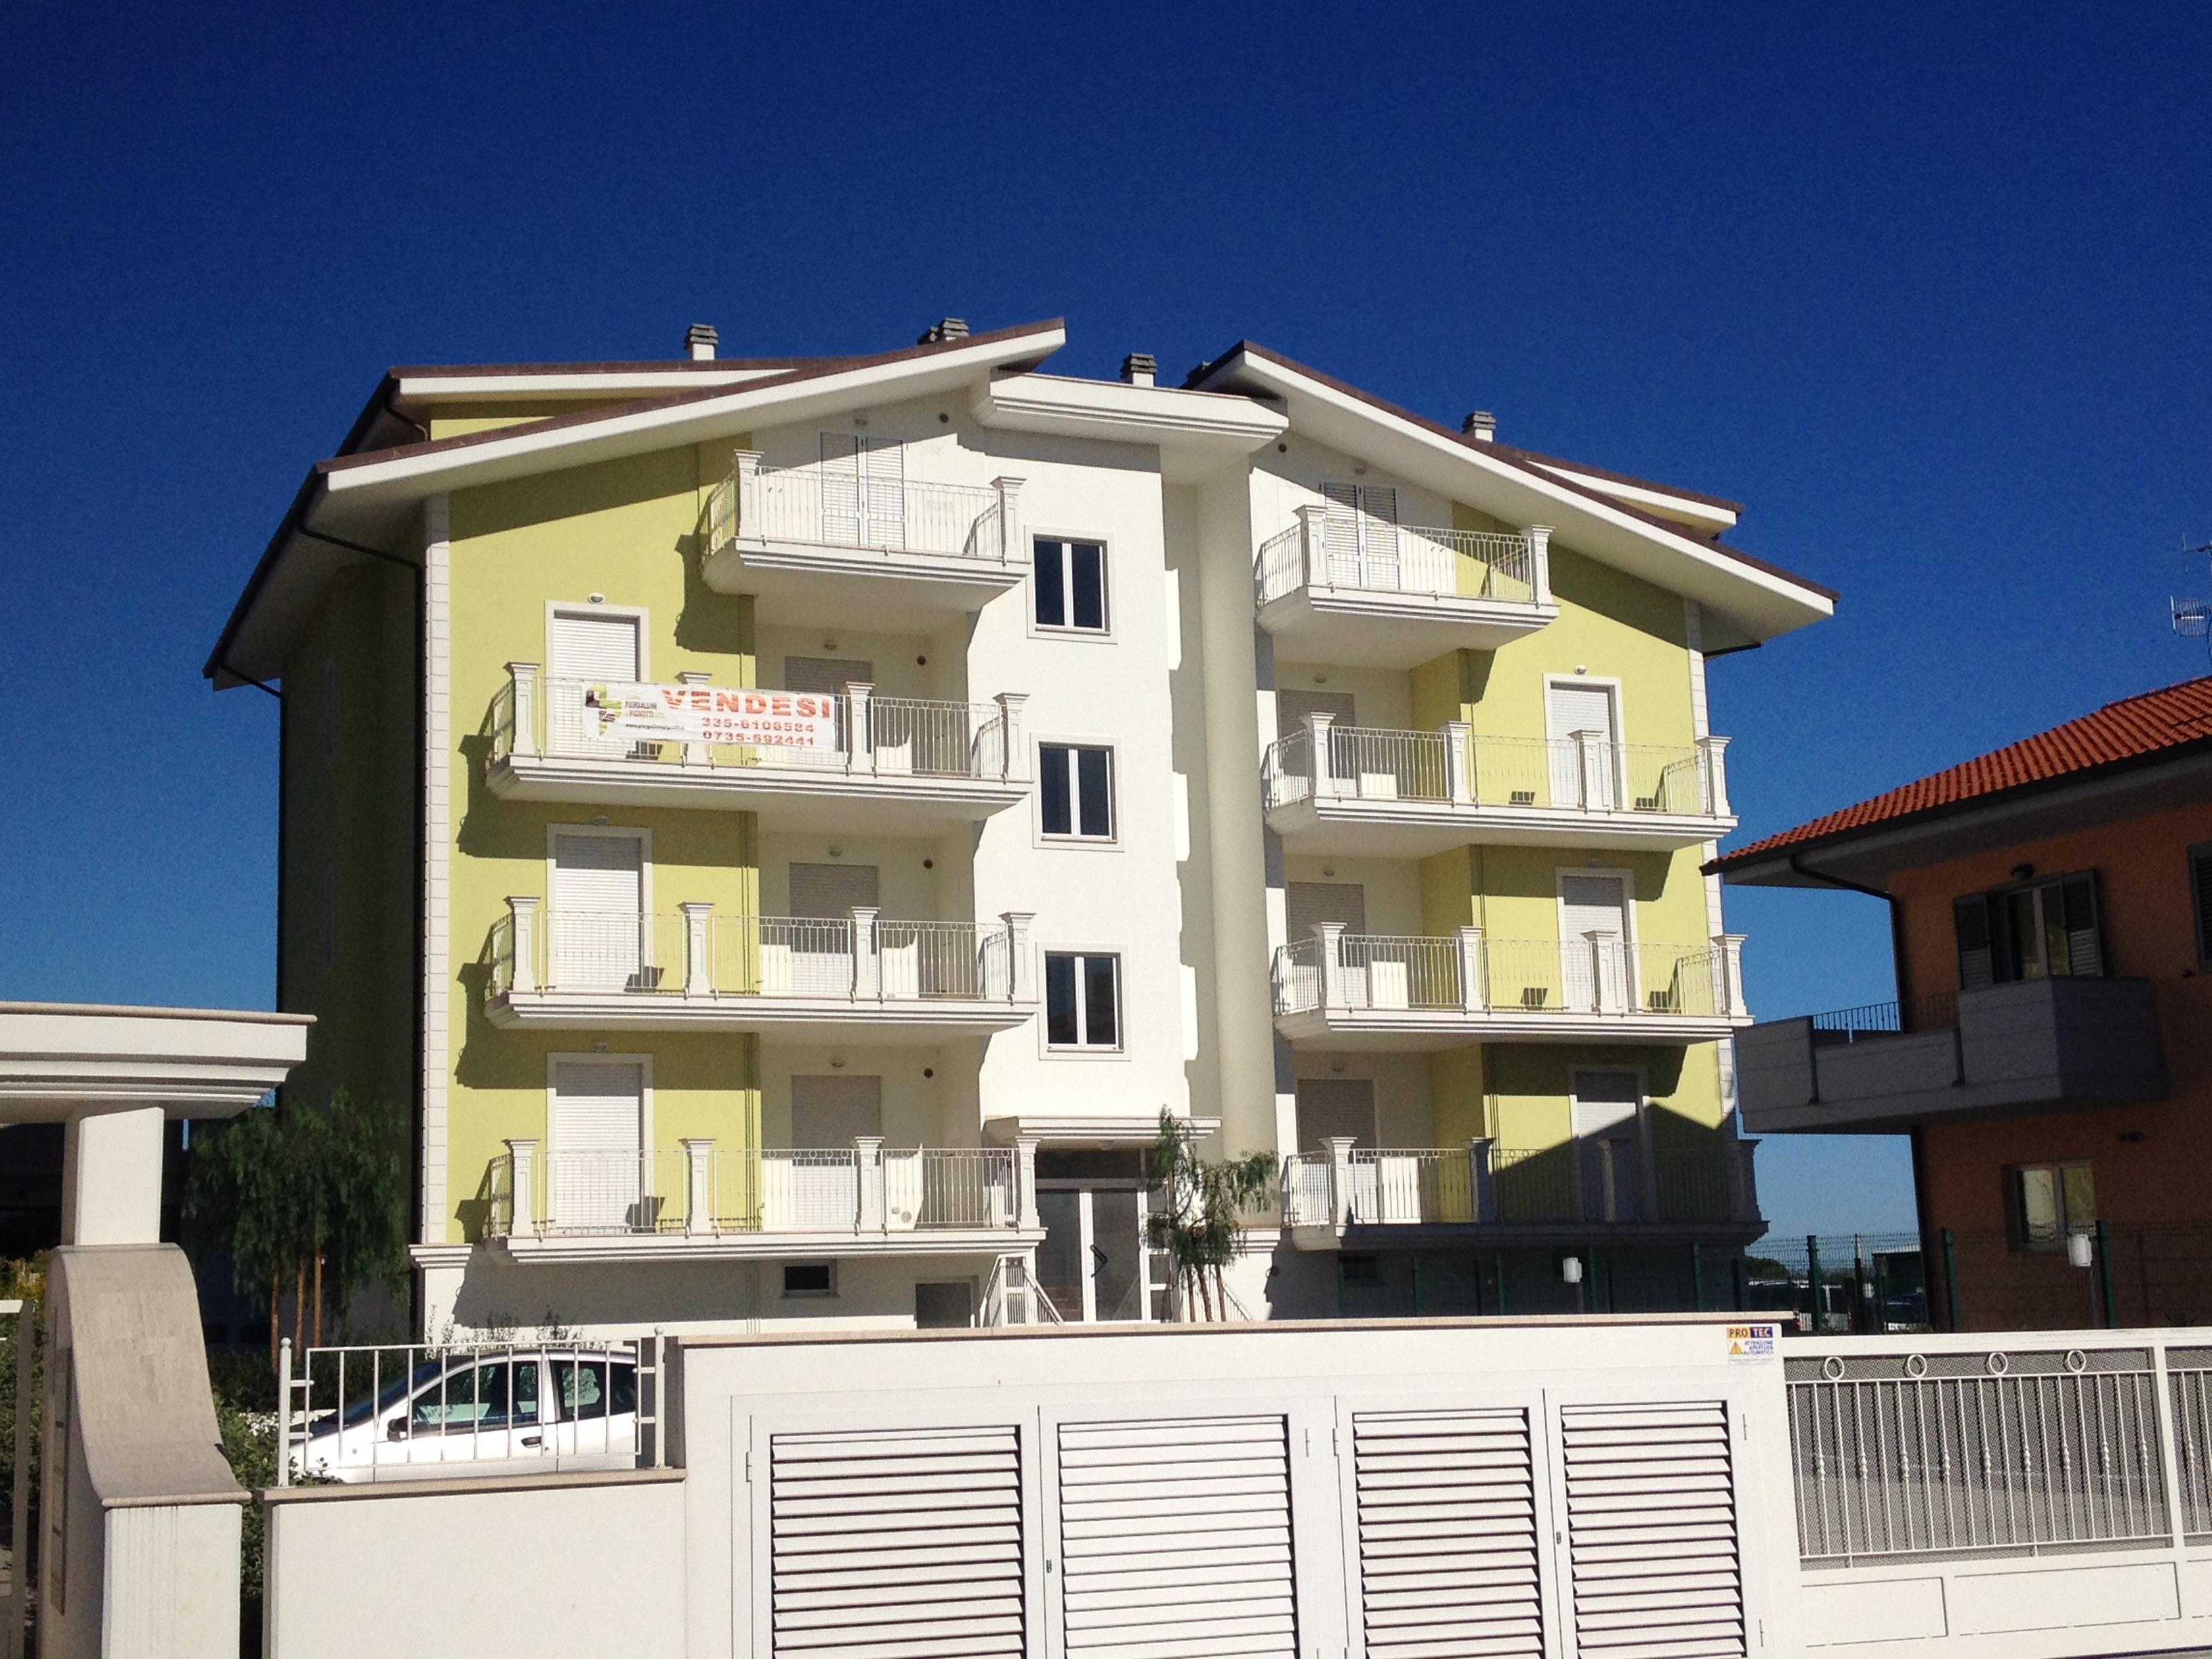 Appartamento in vendita a Martinsicuro, 3 locali, zona Località: Centrale(traLaStatale16EdIlLungomare, prezzo € 133.000 | CambioCasa.it